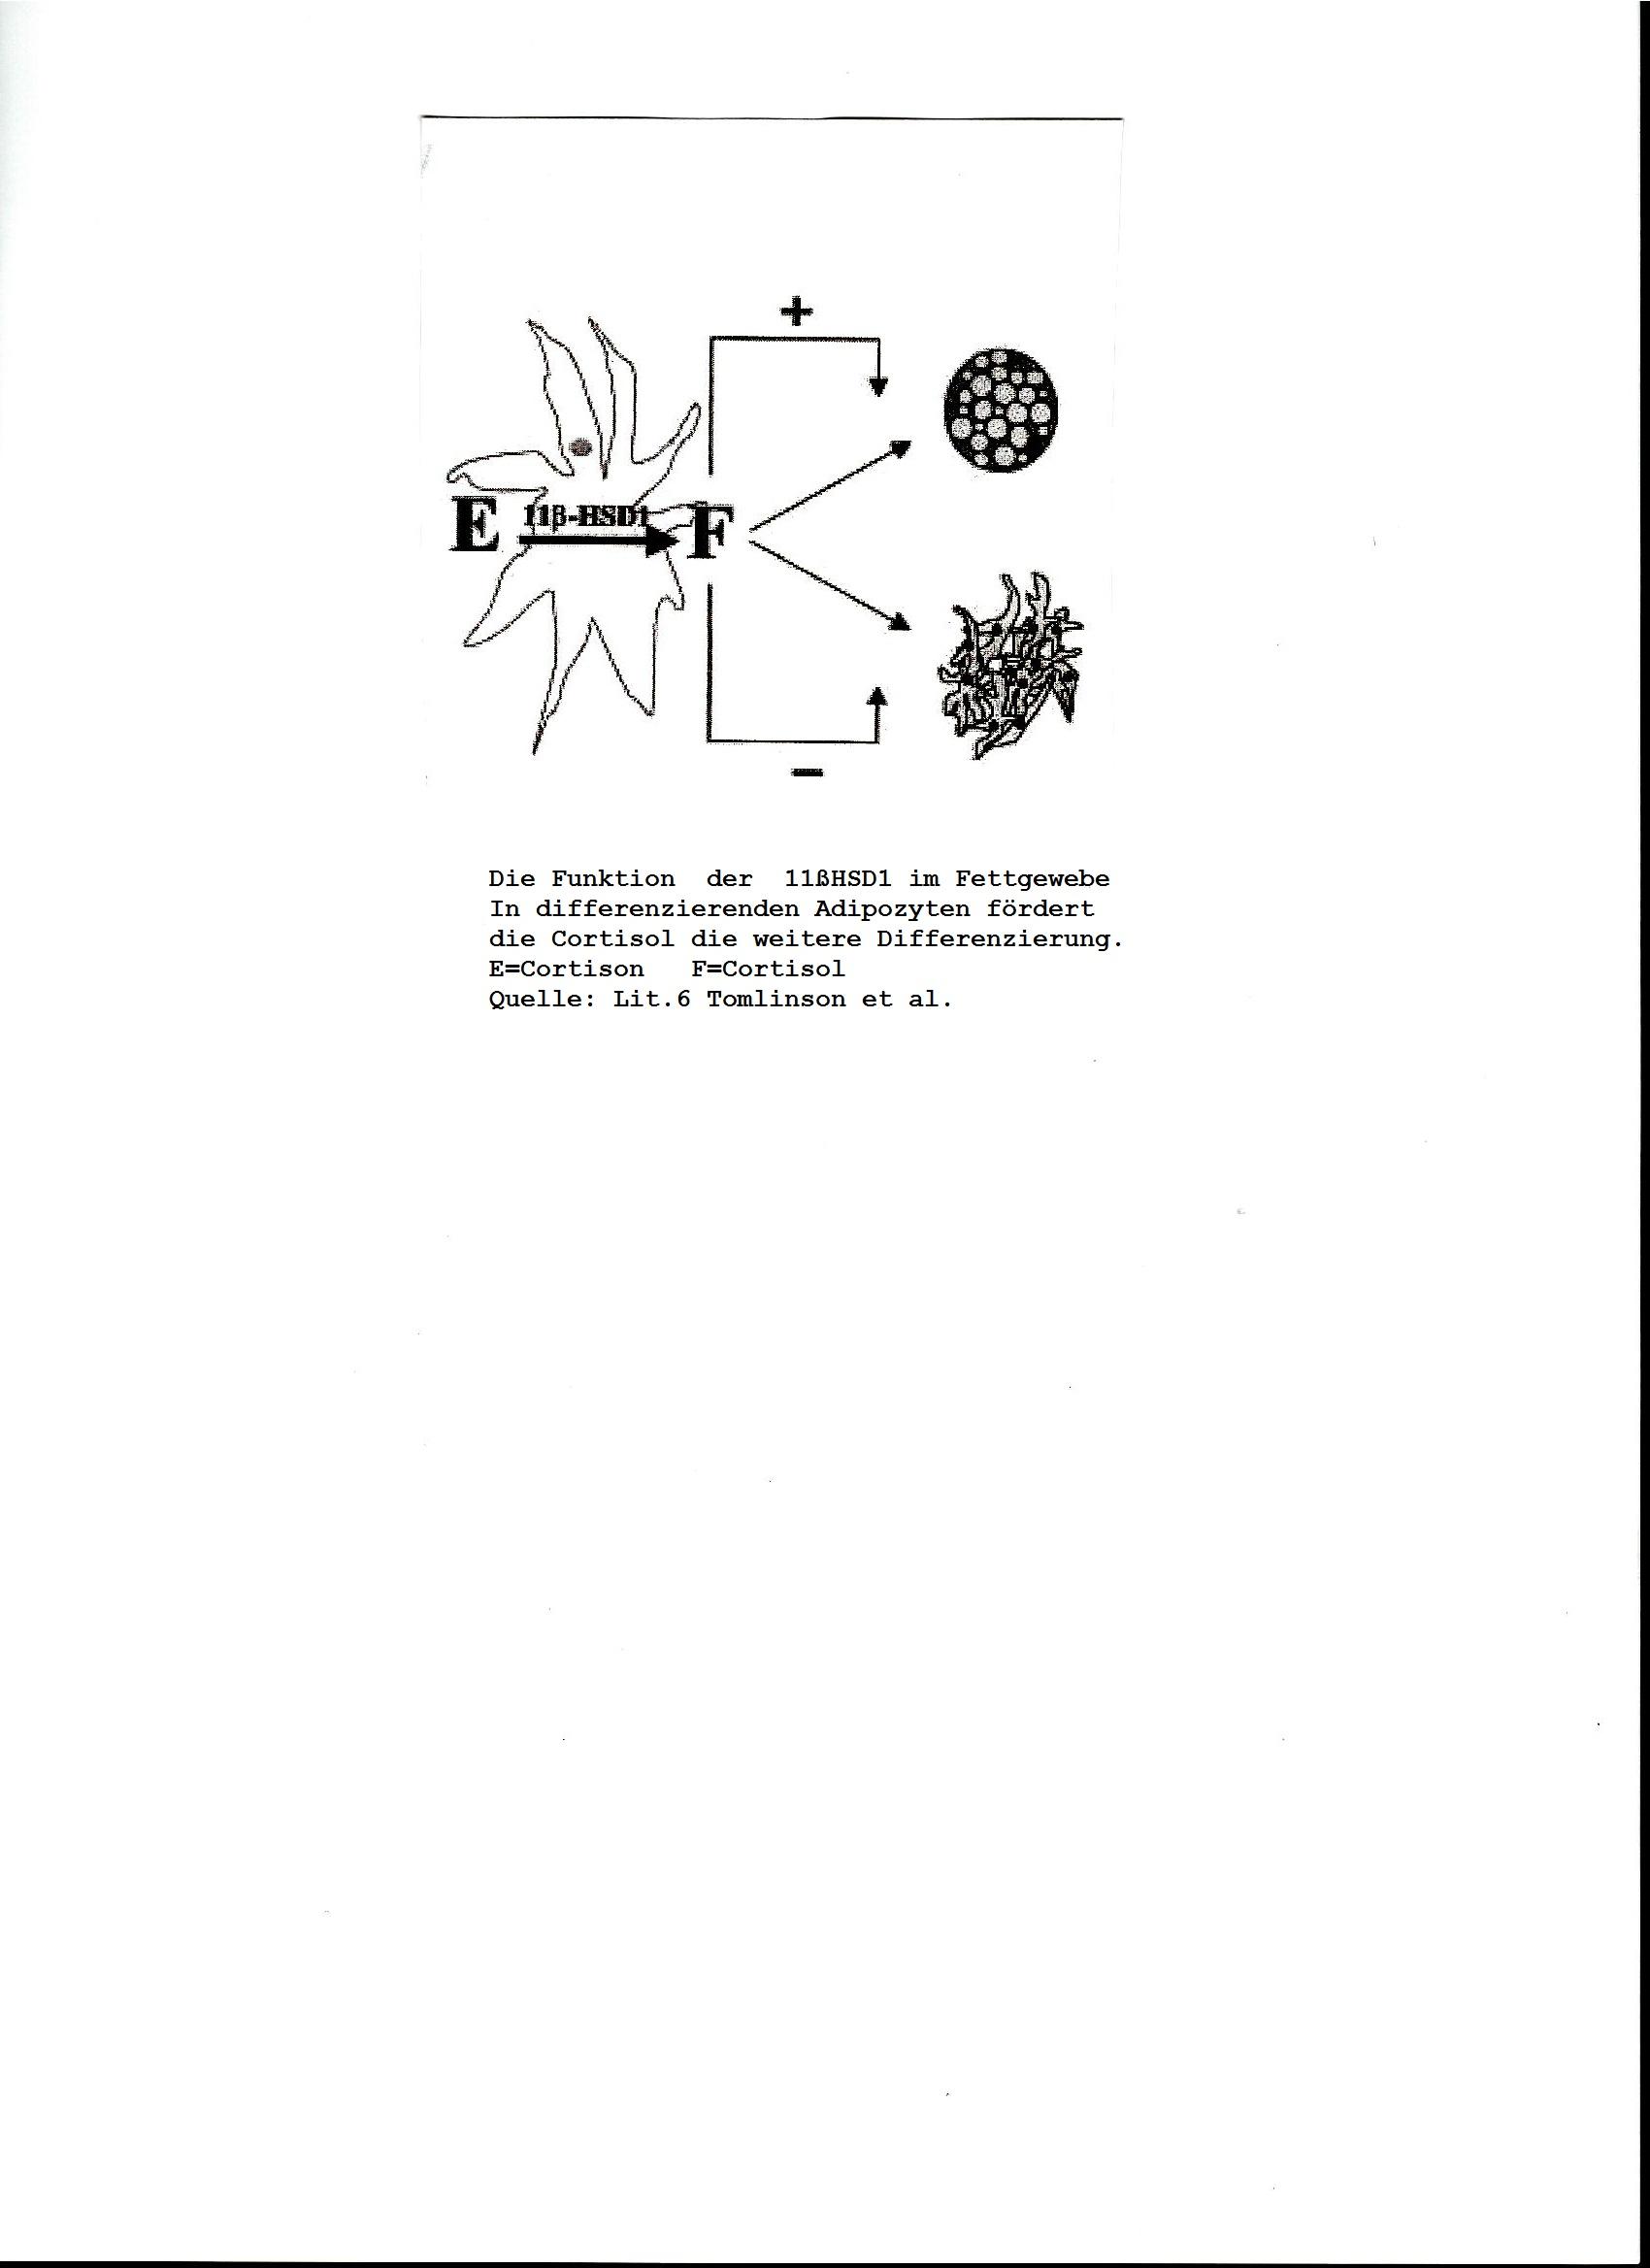 Abb. 1: Die Funktion der 11βHSD1 im Fettgewebe. In differenzierenden Adipozyten fördert Cortisol die weitere Differenzierung. E=Cortison, F=Cortisol. Quelle: Tomlinson et al. [6].